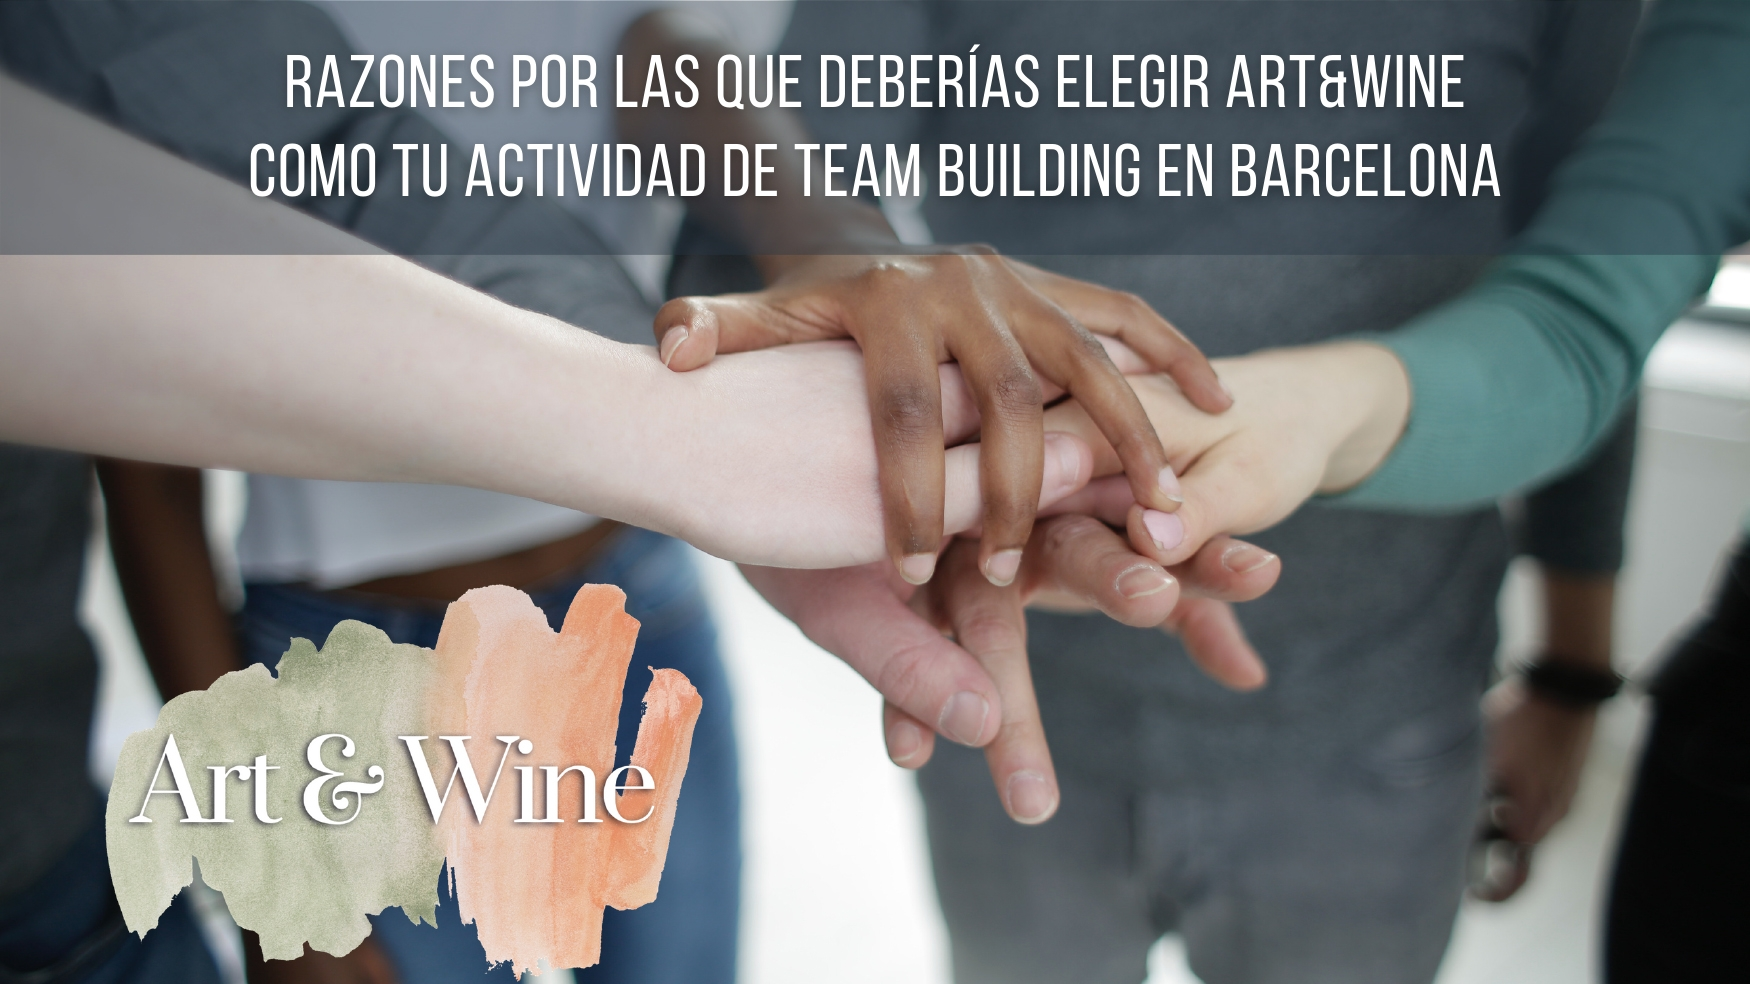 5 razones por las que deberías elegir Art&Wine como tu actividad de team building en Barcelona